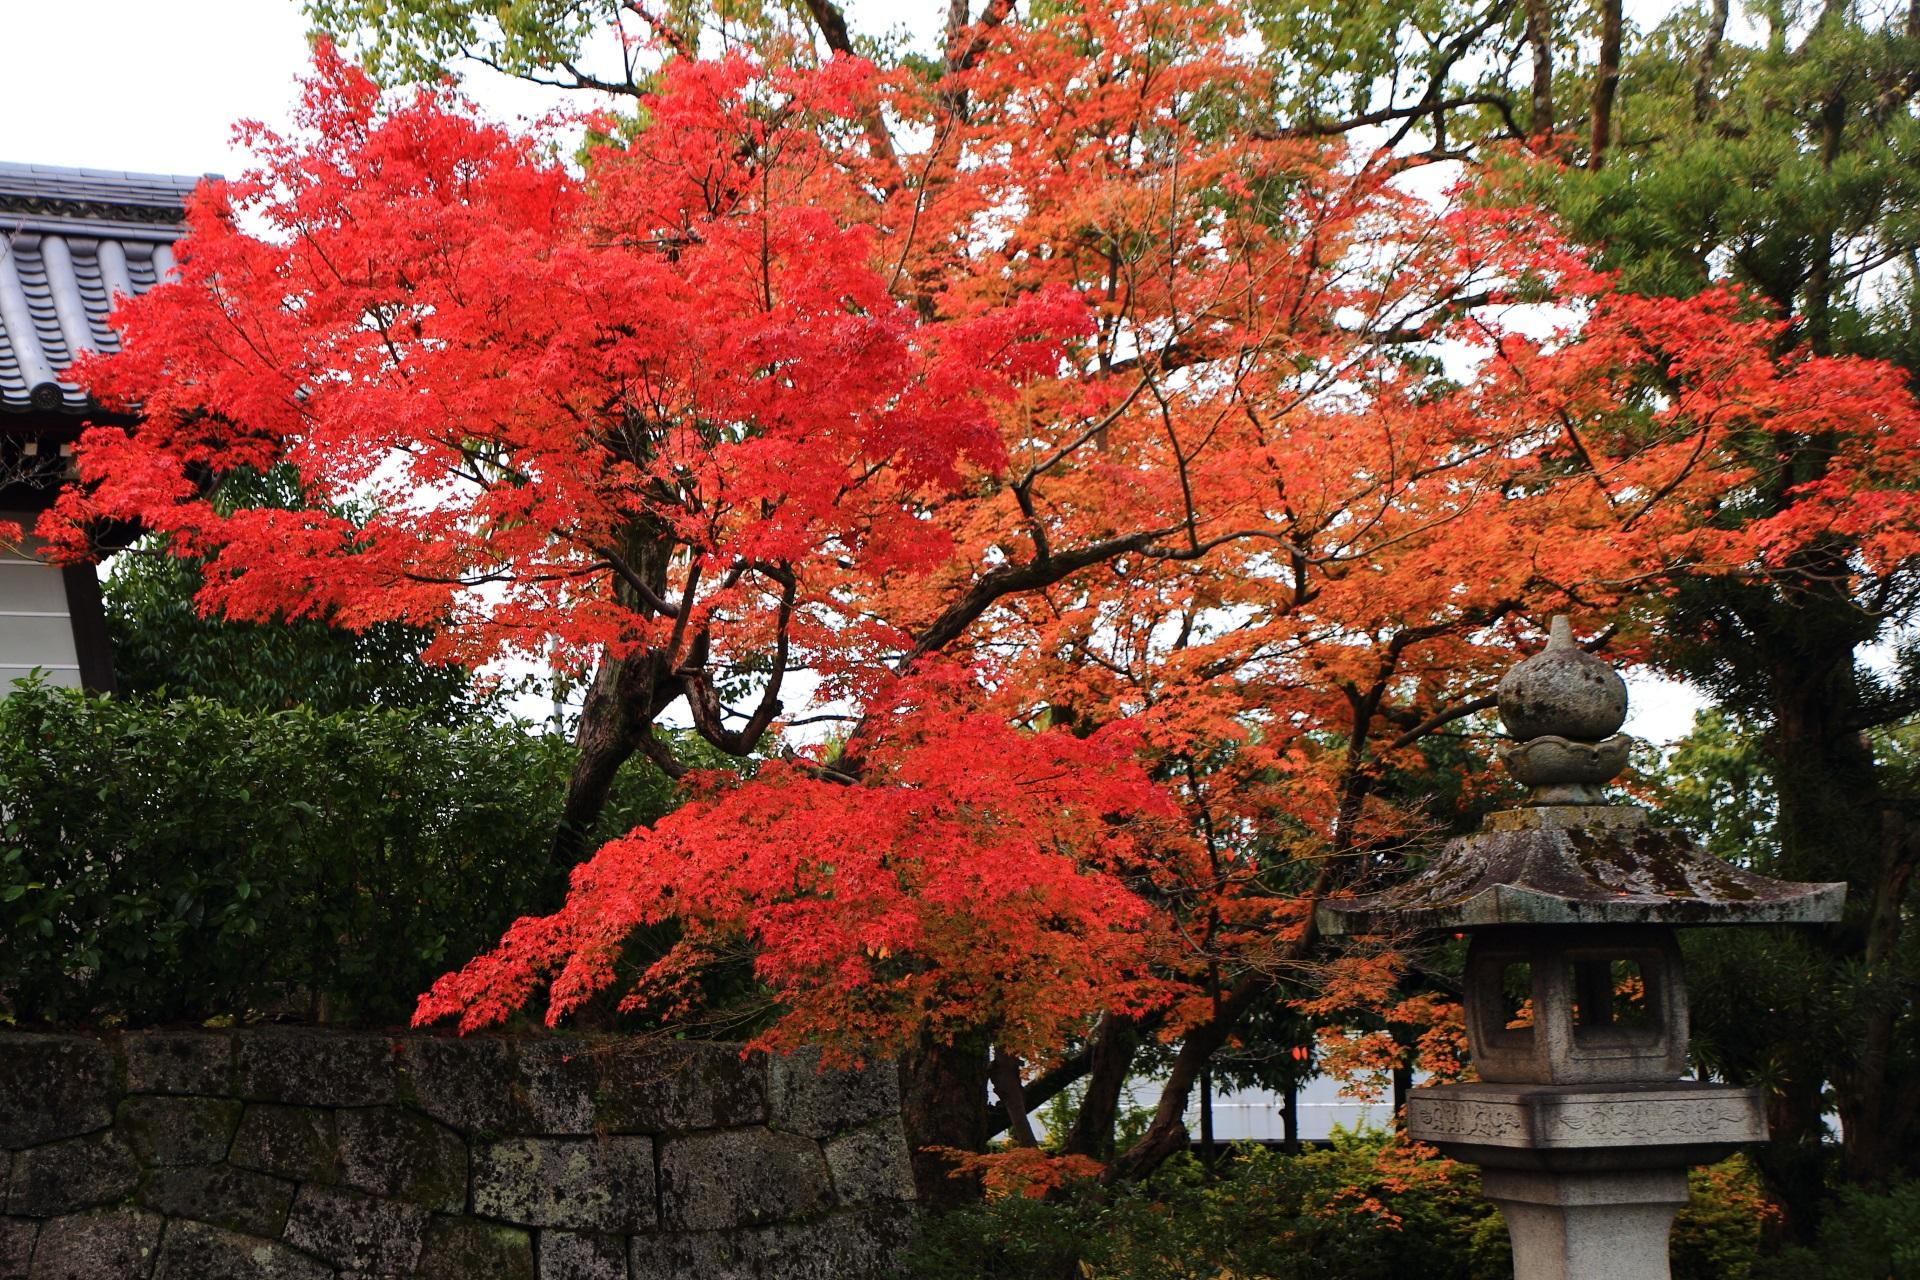 大谷本廟の燈籠と石垣を彩る鮮やかで多彩な紅葉